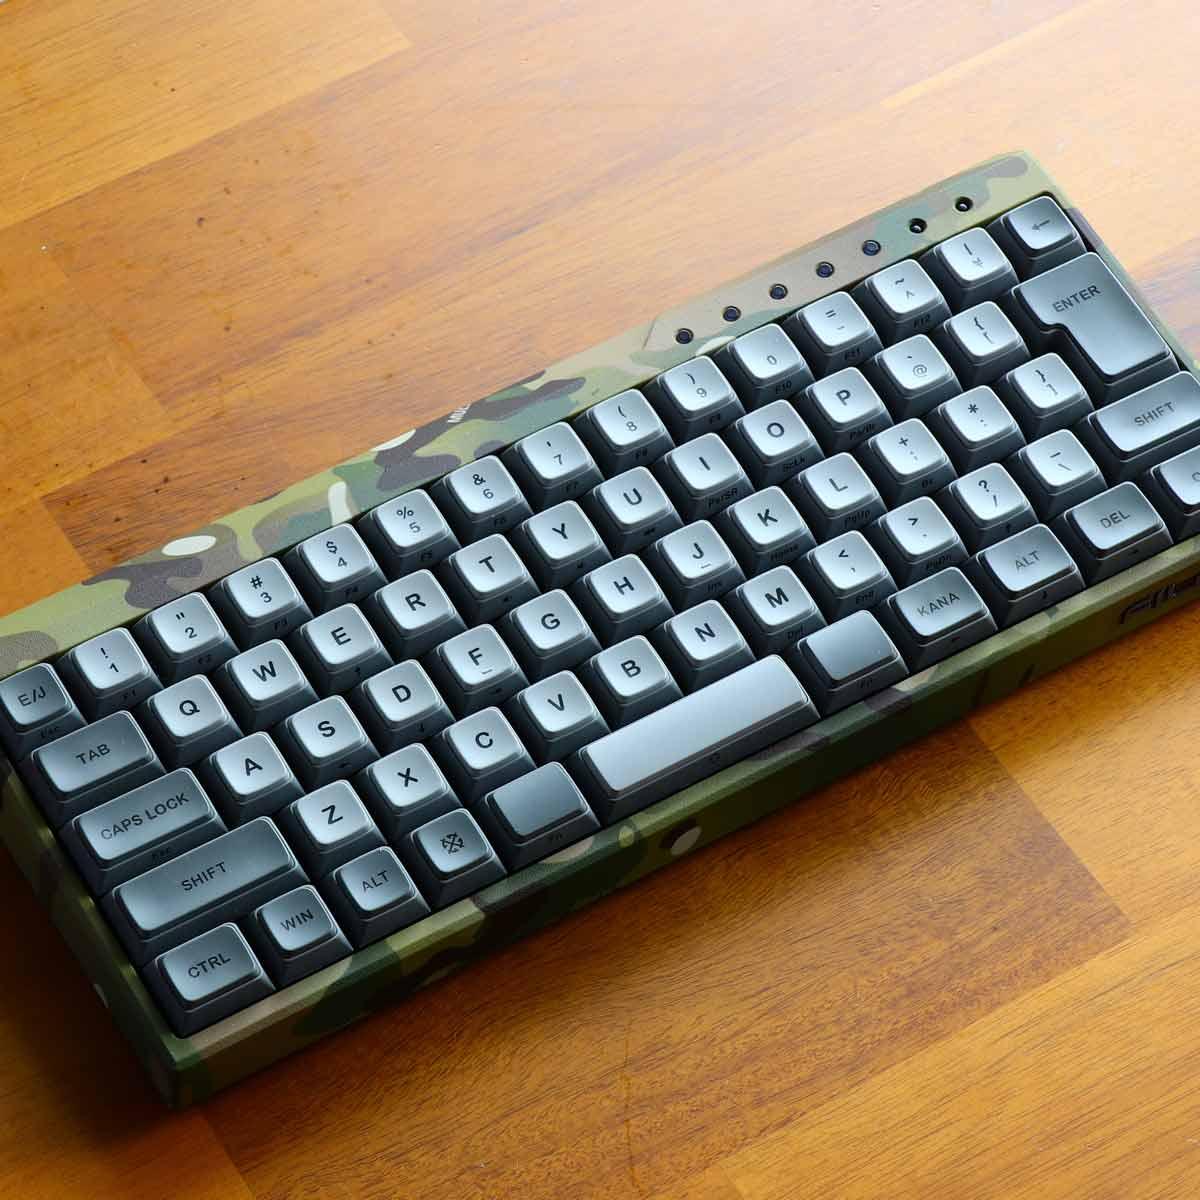 クセはあるけどハマる人はハマるはず! 超小型メカニカルキーボード「Majestouch MINILA-R Convertible」